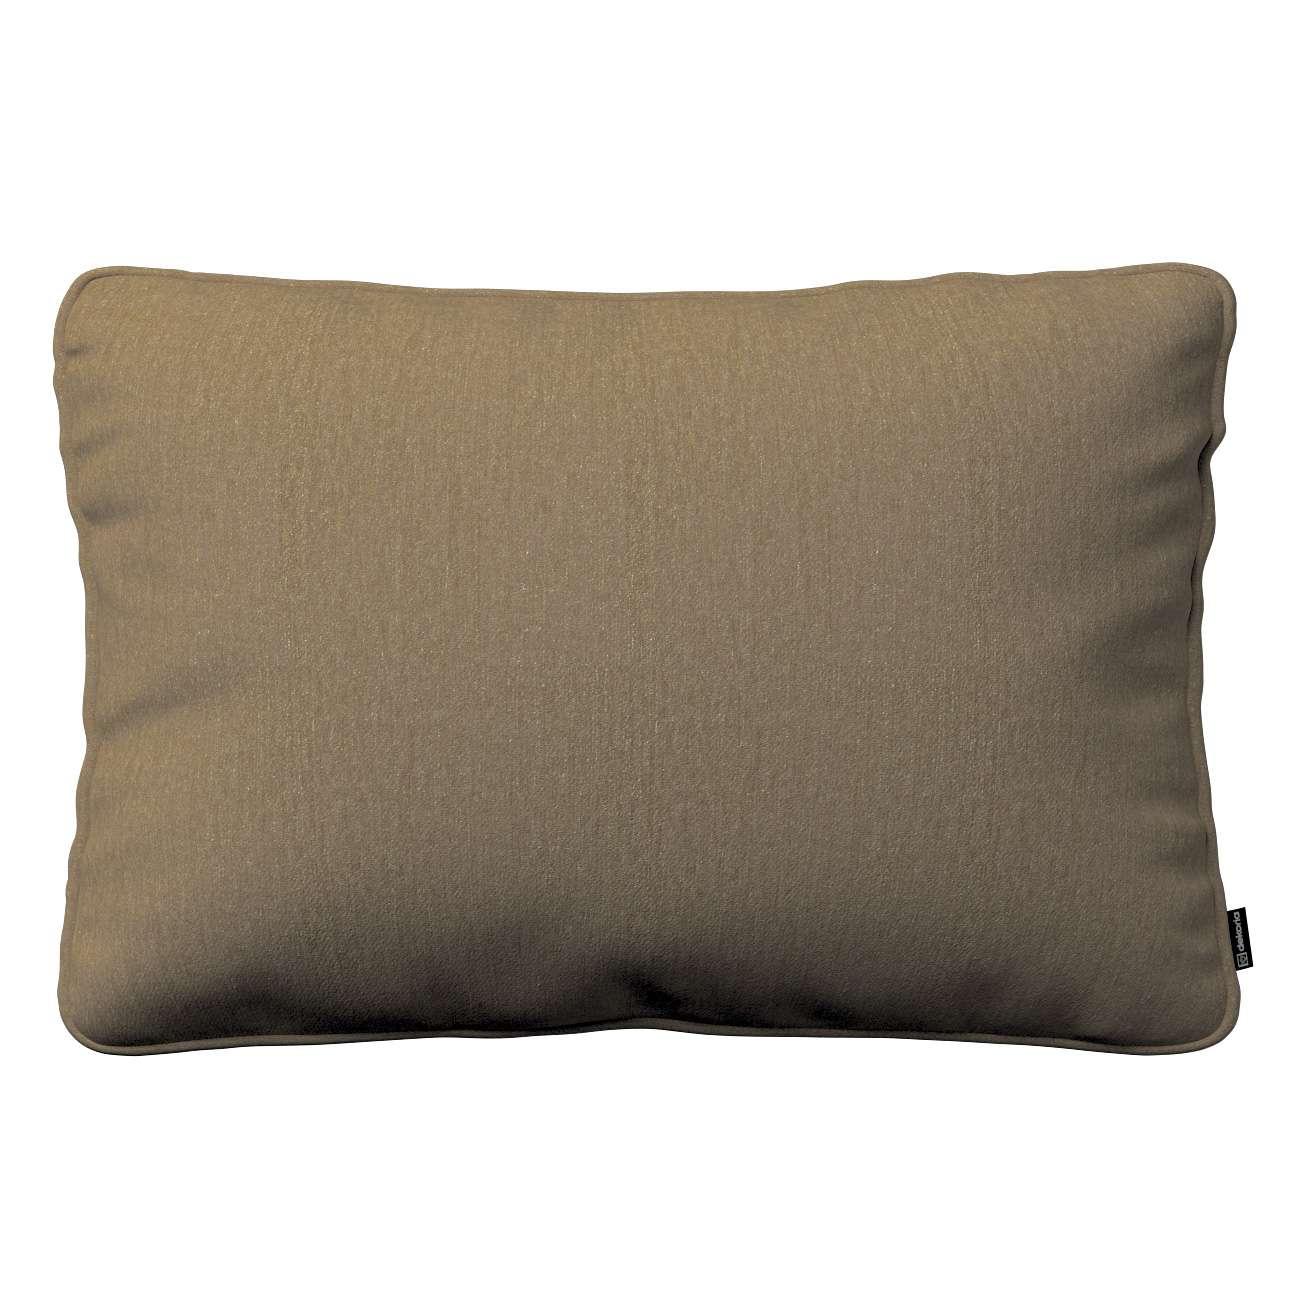 Poszewka Gabi na poduszkę prostokątna w kolekcji Chenille, tkanina: 702-21